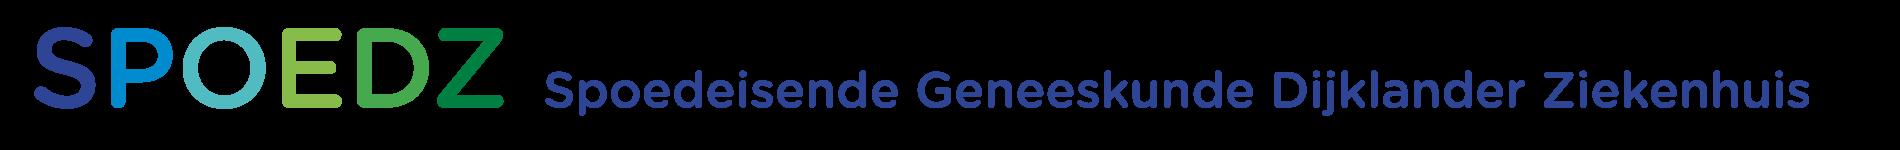 SPOEDZ Spoedeisende Geneeskunde Dijklander Ziekenhuis